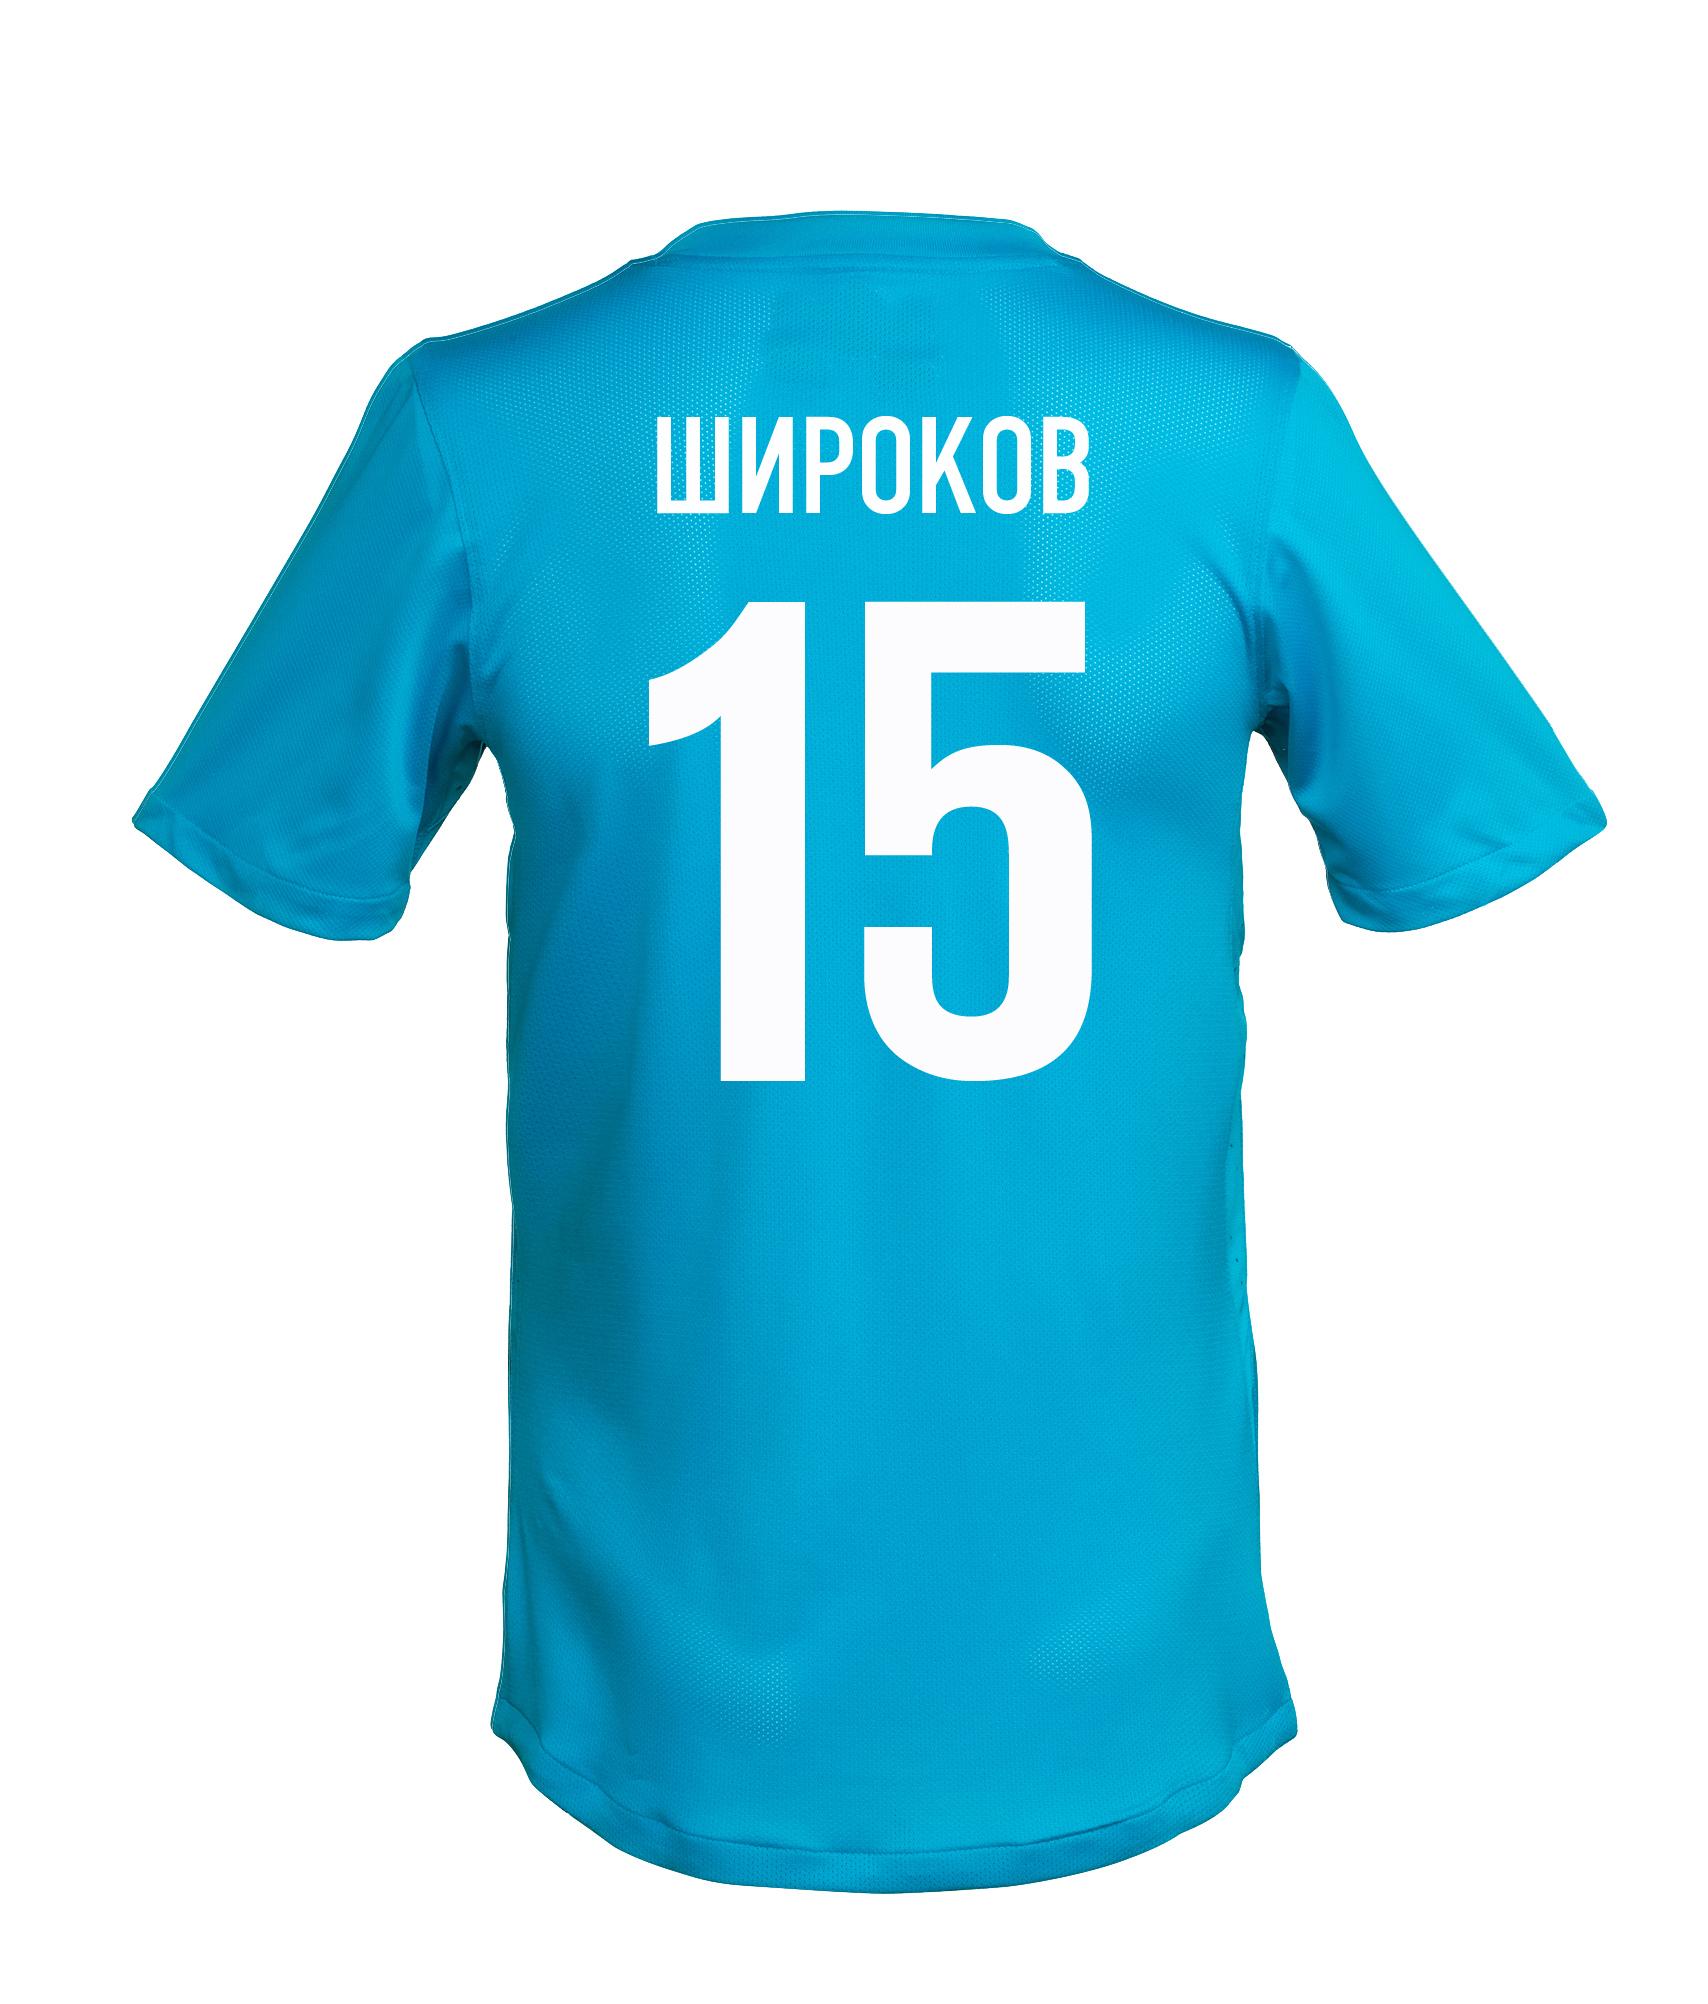 Игровая футболка с фамилией и номером Р. Широкова, Цвет-Синий, Размер-L